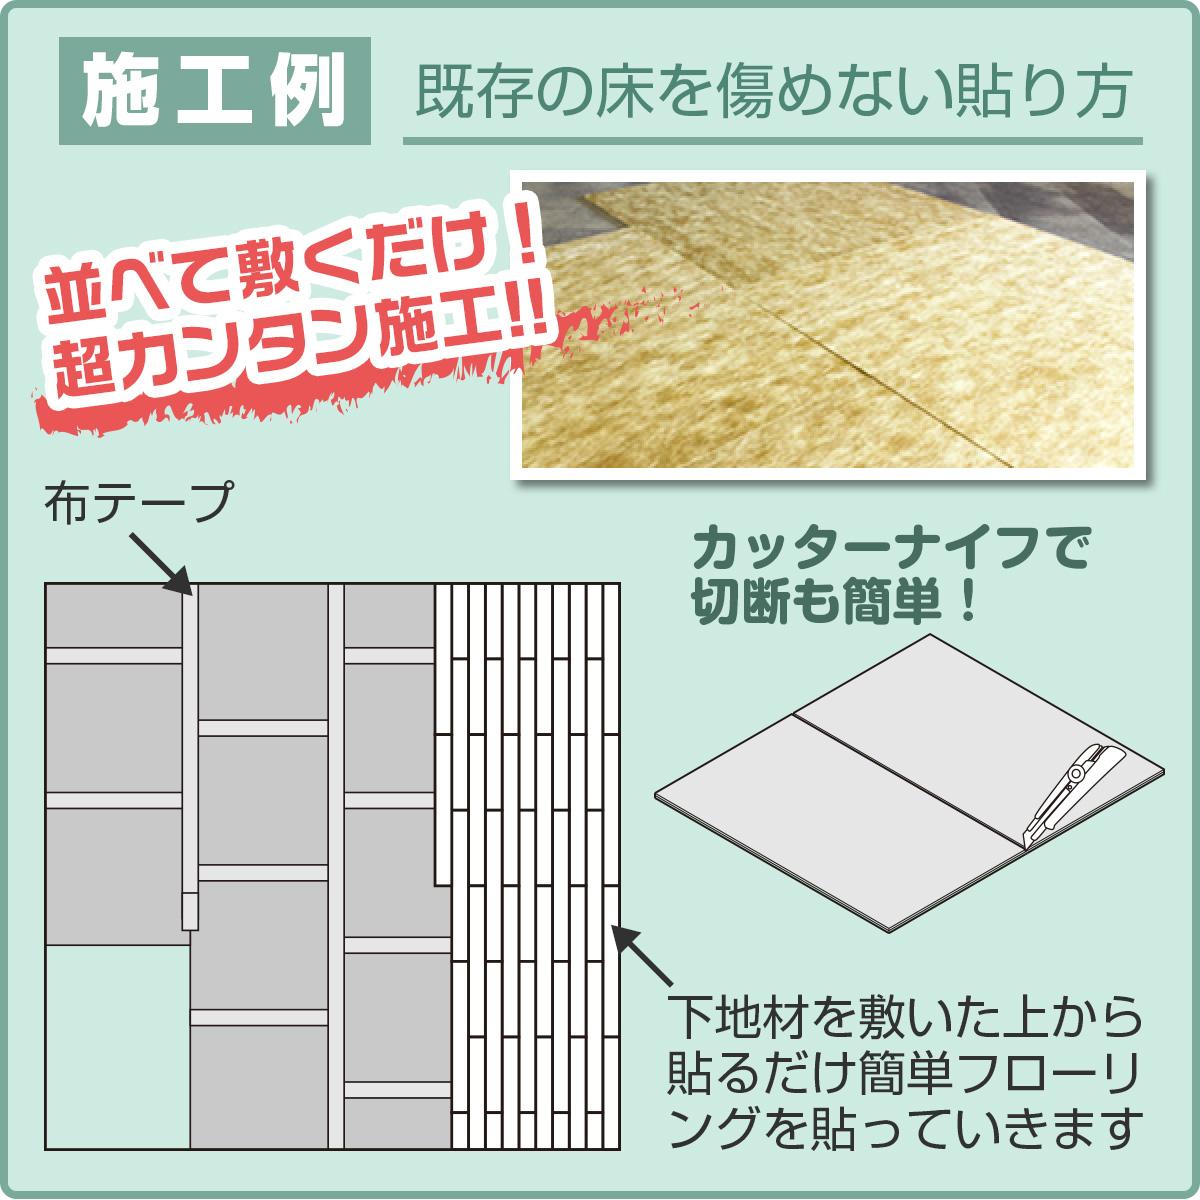 施工例 既存の床を傷めない貼り方 並べて敷くだけ 超カンタン施工 カッターナイフで切断も簡単 下地材を敷いた上から貼るだけ簡単フローリングを貼っていきます